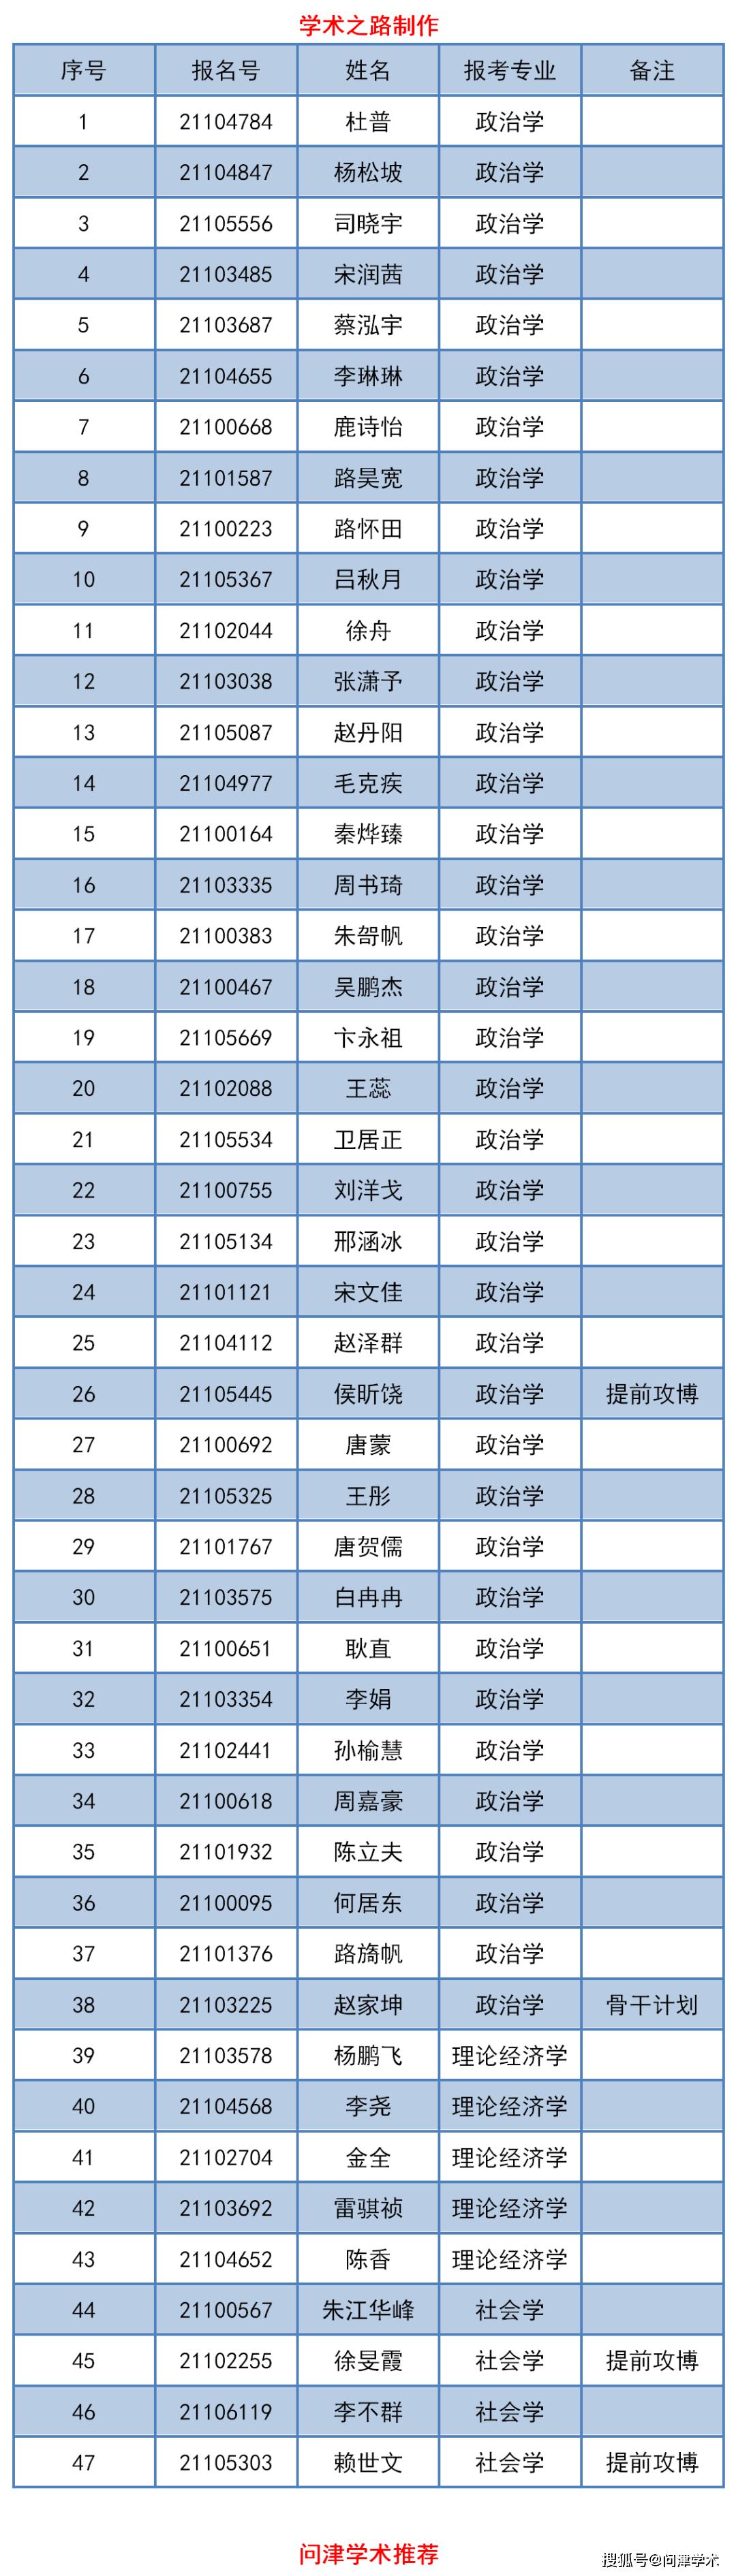 清华大学社会科学院2021年度调研开放博士